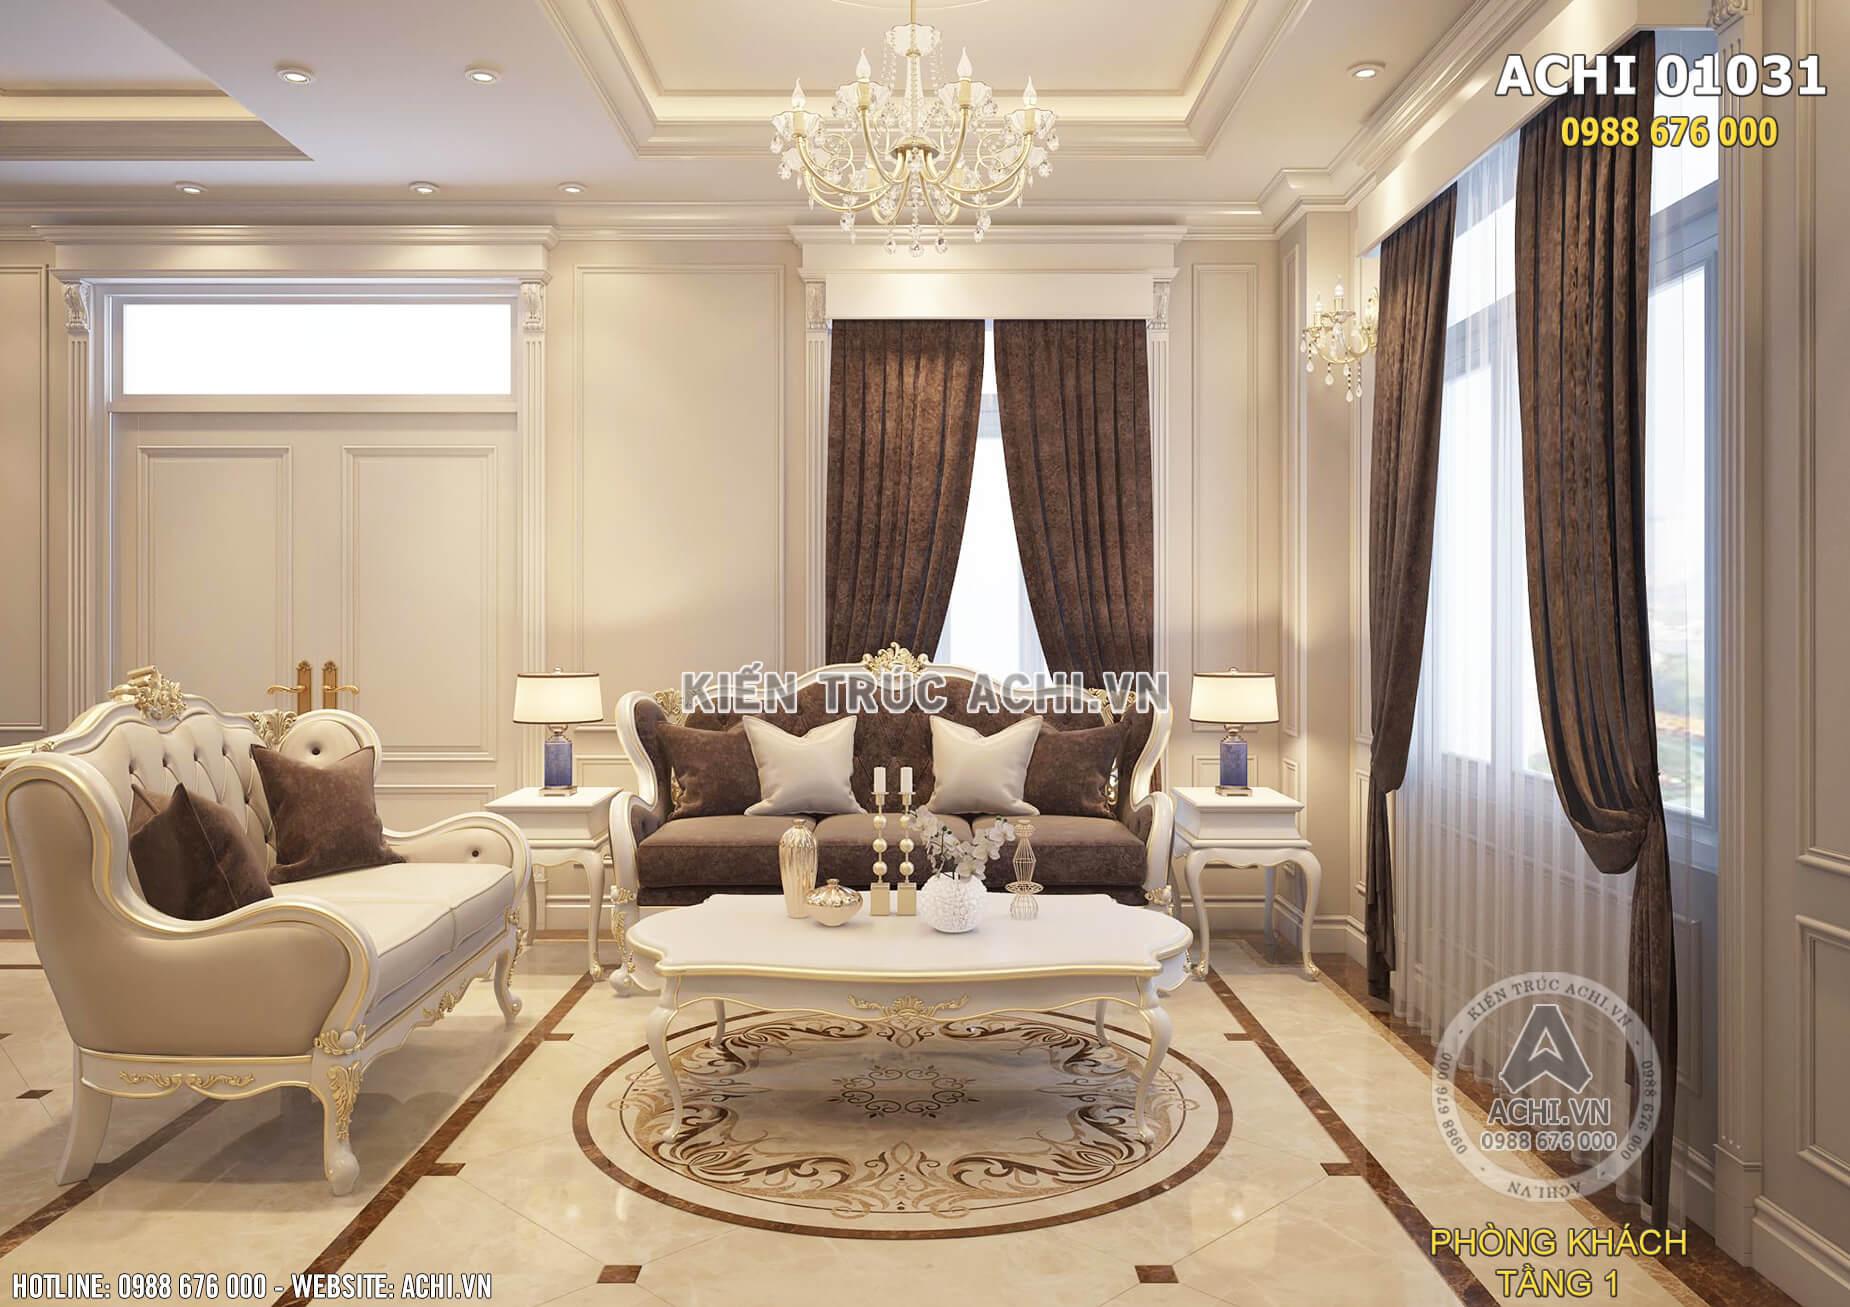 Mẫu thiết kế nội thất phòng khách tân cổ điển đẹp sang trọng